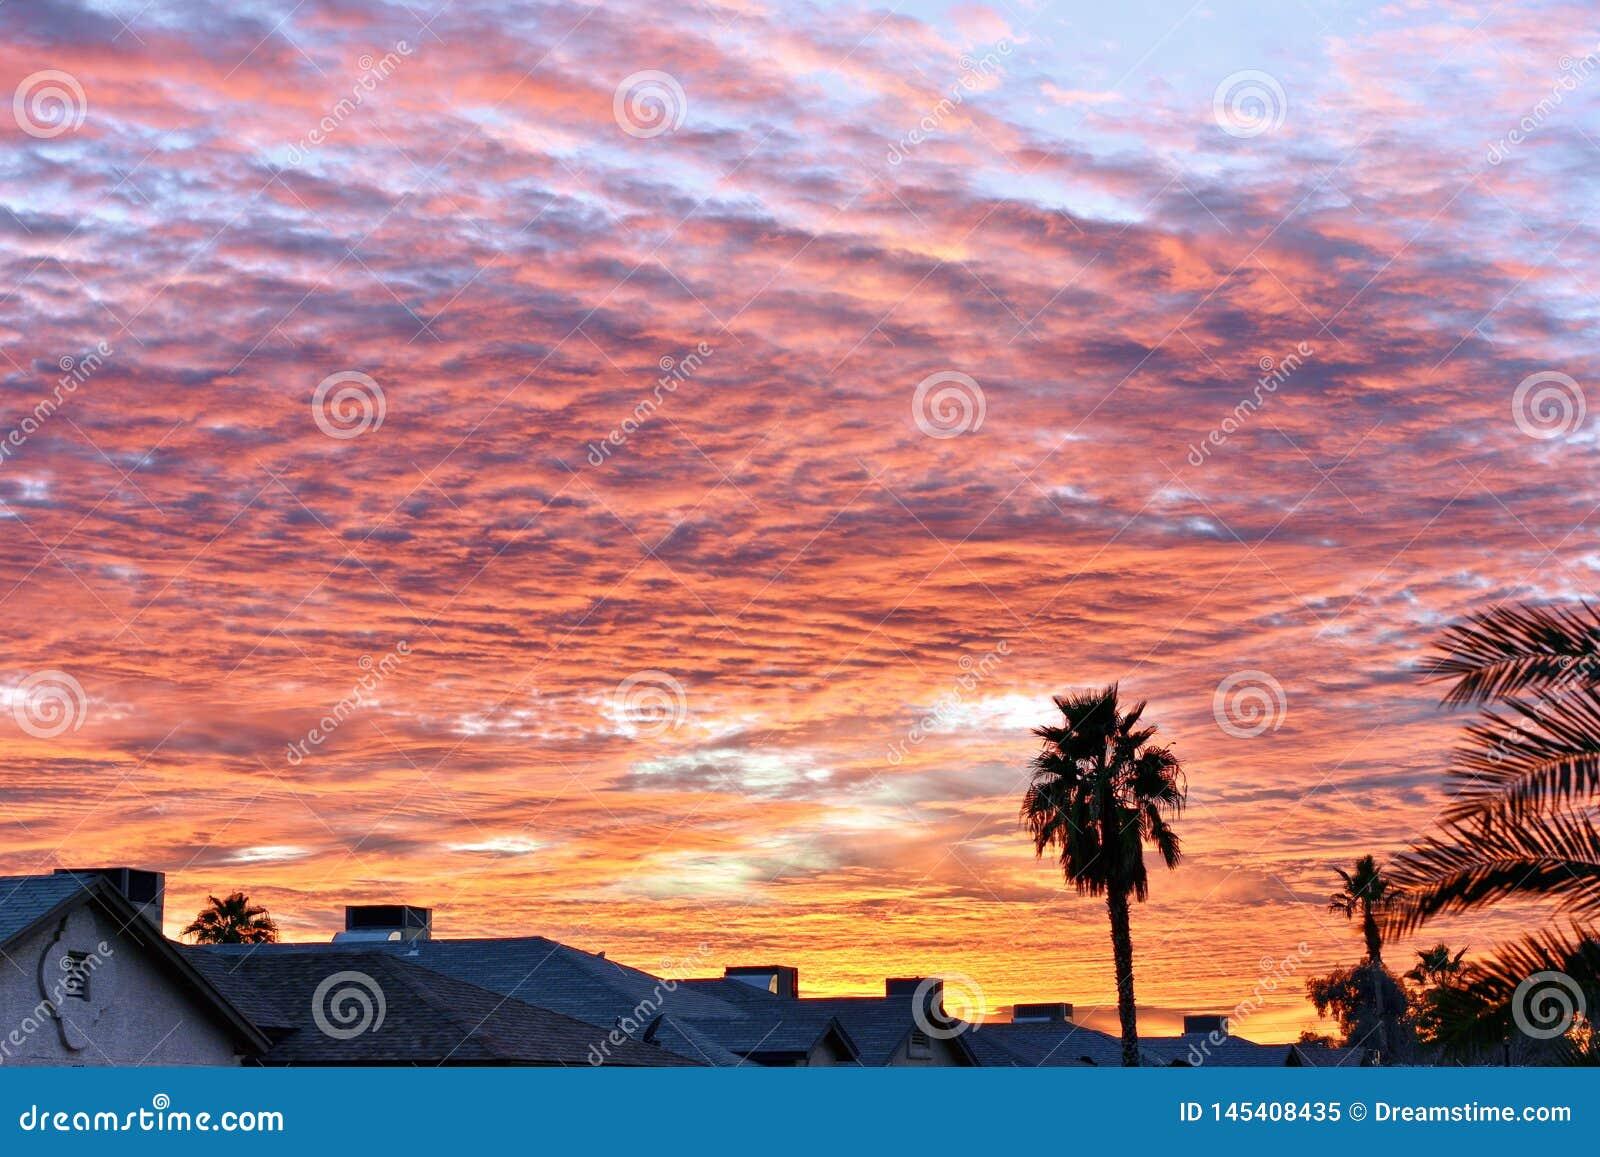 Όμορφο πορτοκαλί και ρόδινο ηλιοβασίλεμα της Αριζόνα